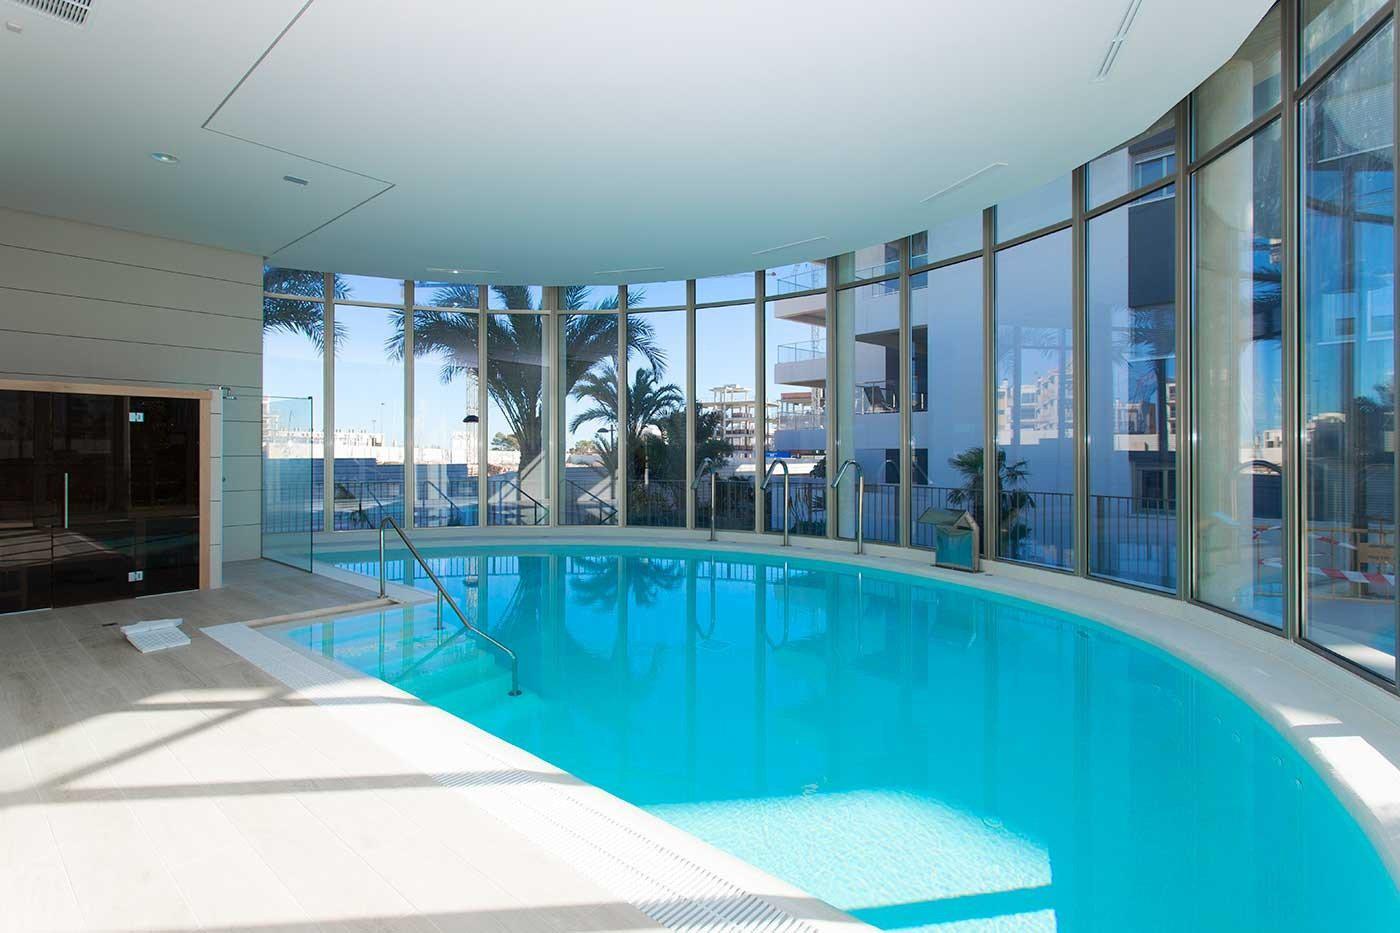 Complejo de estilo moderno con apartamentos de 2,3 dormitorios y 2 baños con amplias terra - imagenInmueble16